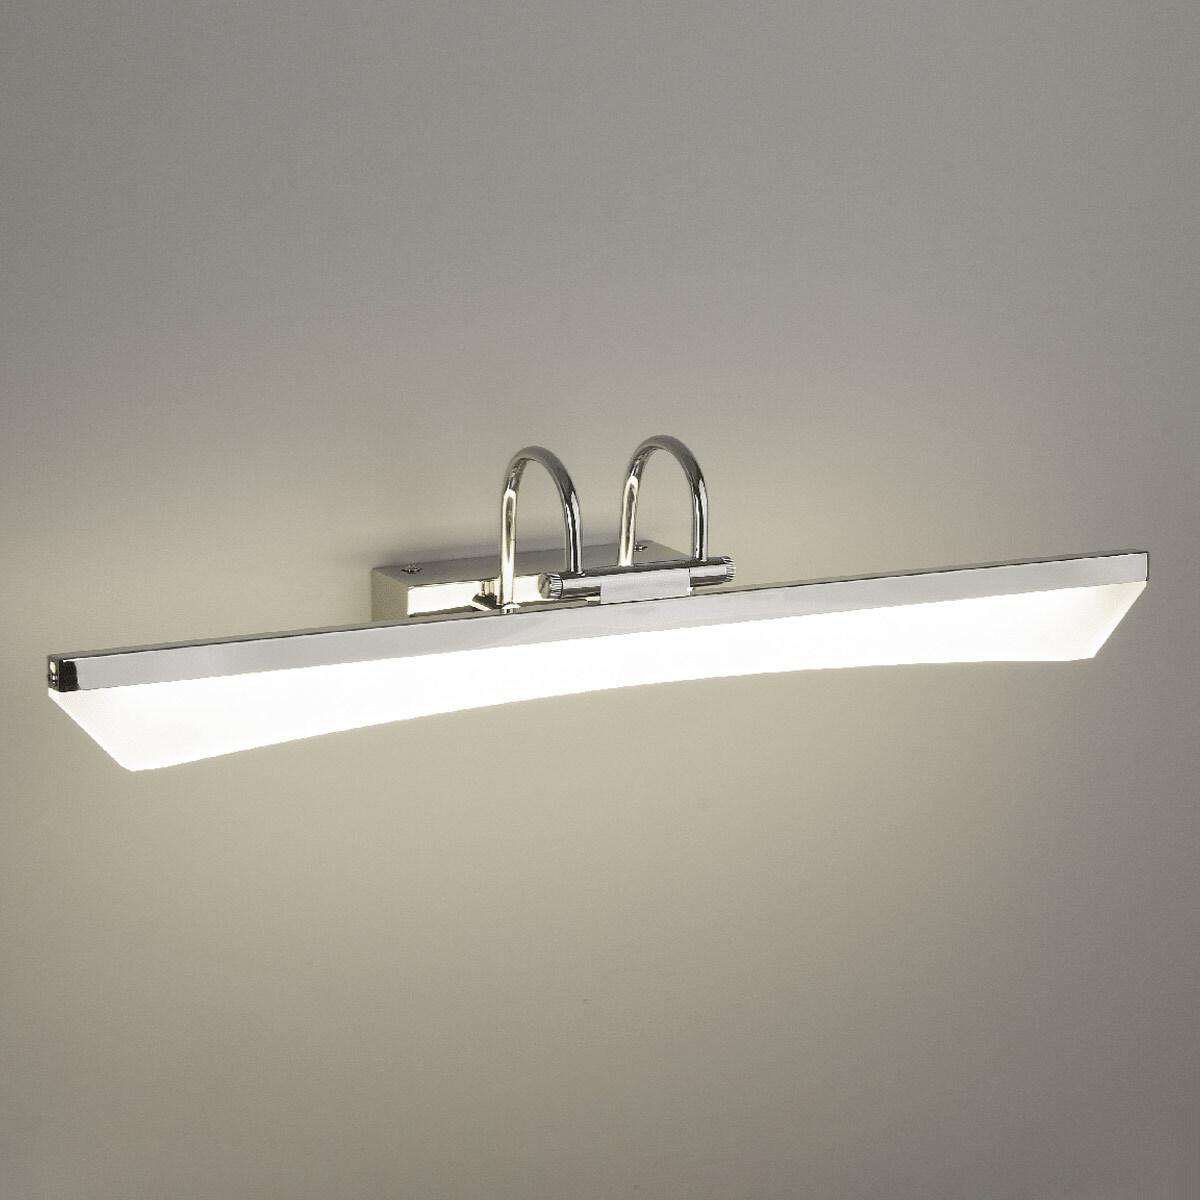 Настенный светильник Elektrostandard Selenga Neo LED светодиодный MRL LED 7W 1004 IP20, 7 Вт elektrostandard настенный светильник elektrostandard inside led белый матовый mrl led 12w